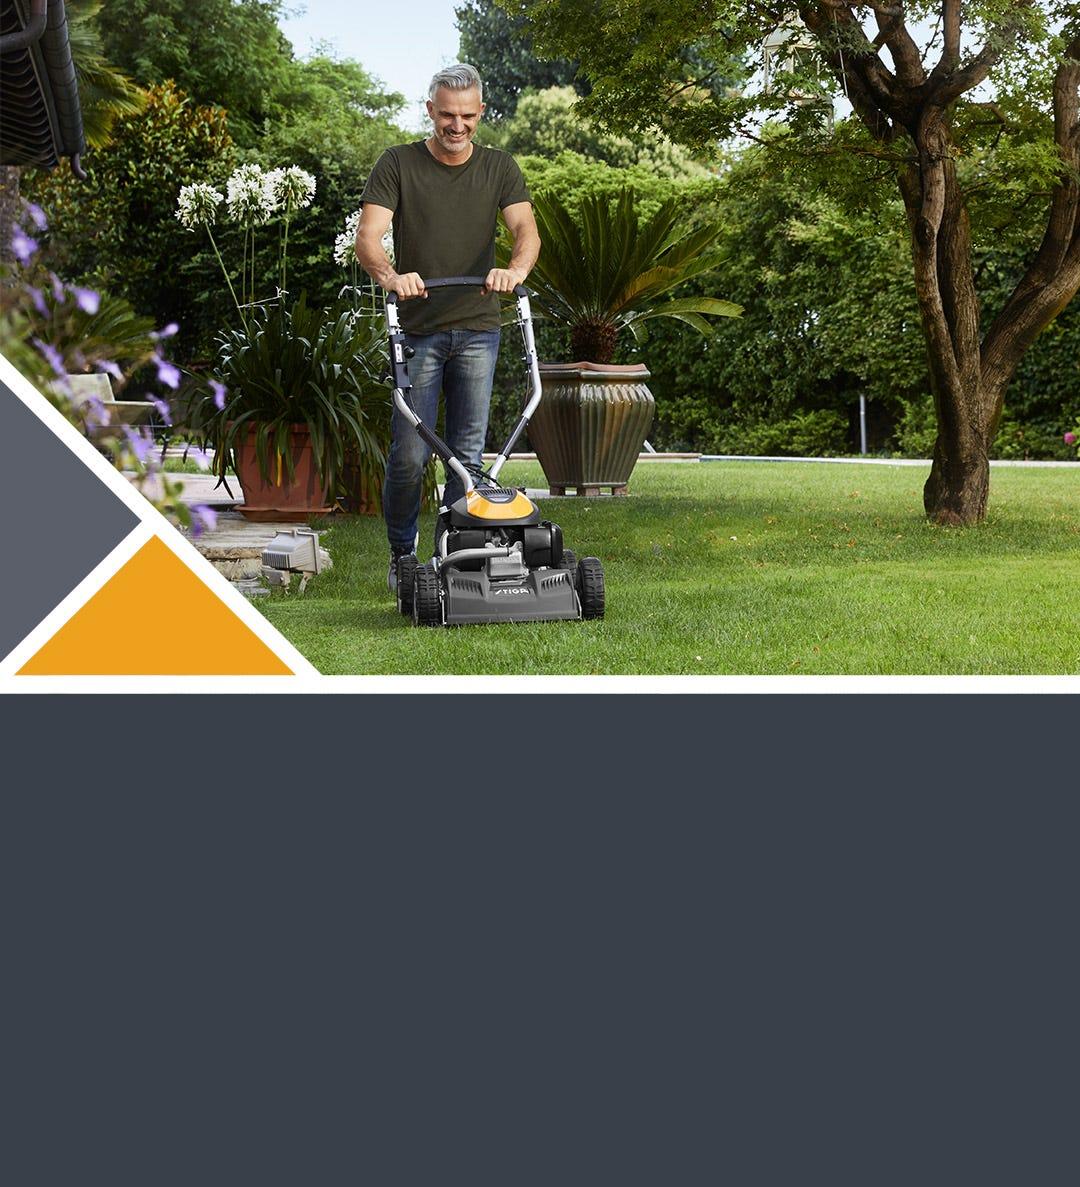 Mies leikkaa nurmikkoa STIGA Multiclip Pro -ruohonleikkurilla